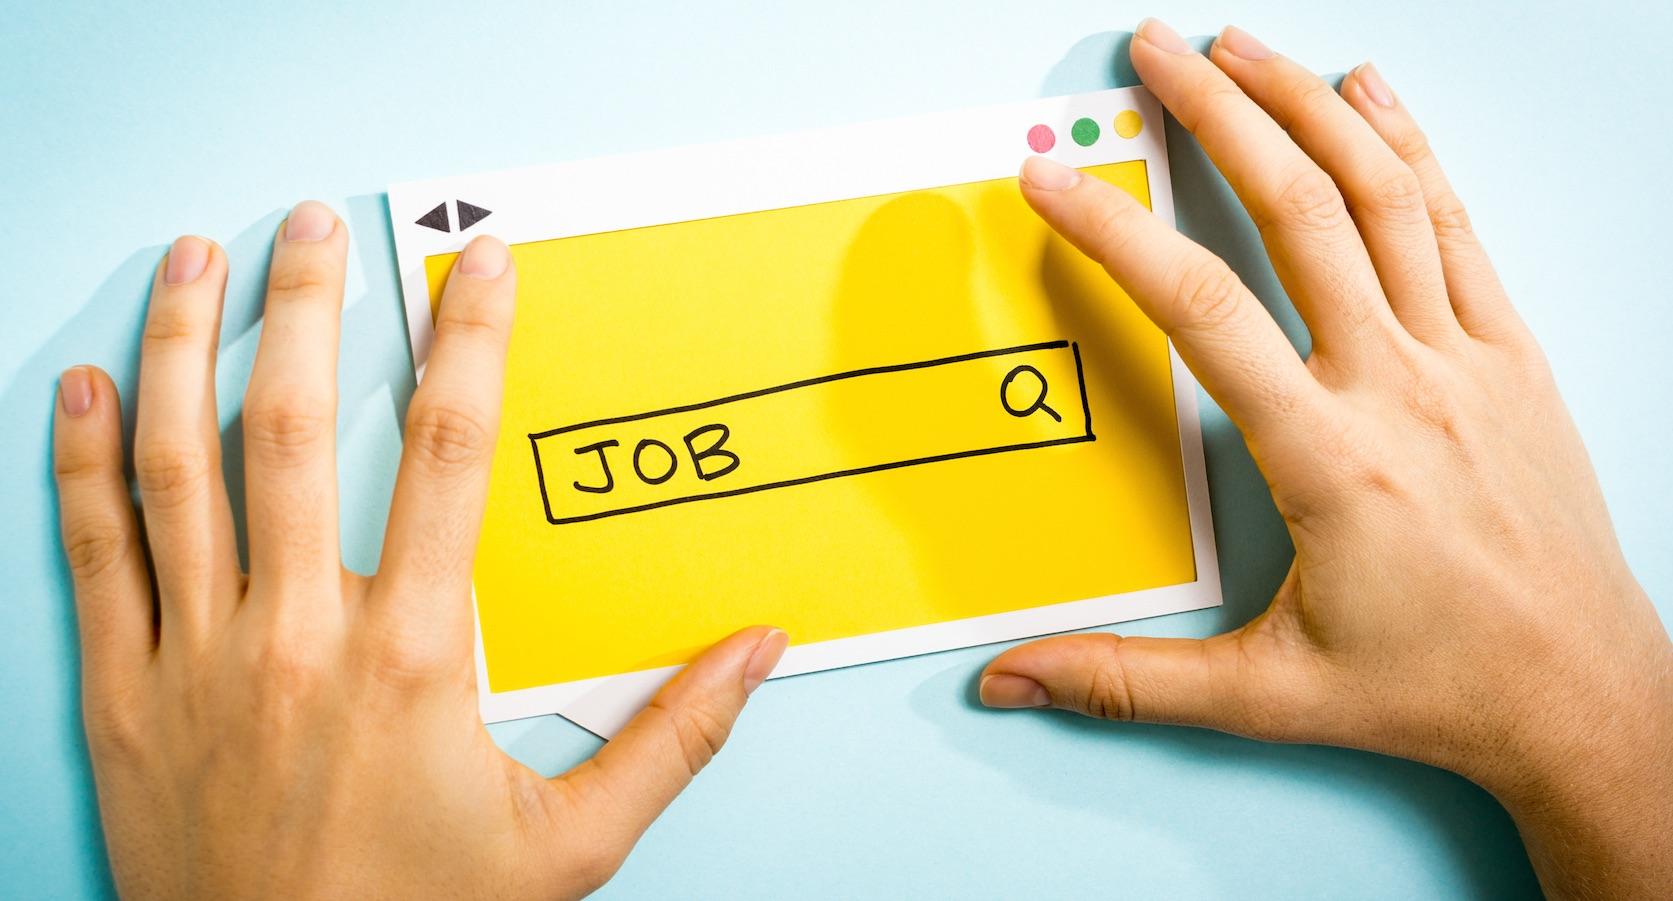 چطوری رزومهای بنویسیم که استخدام نـشویم؟